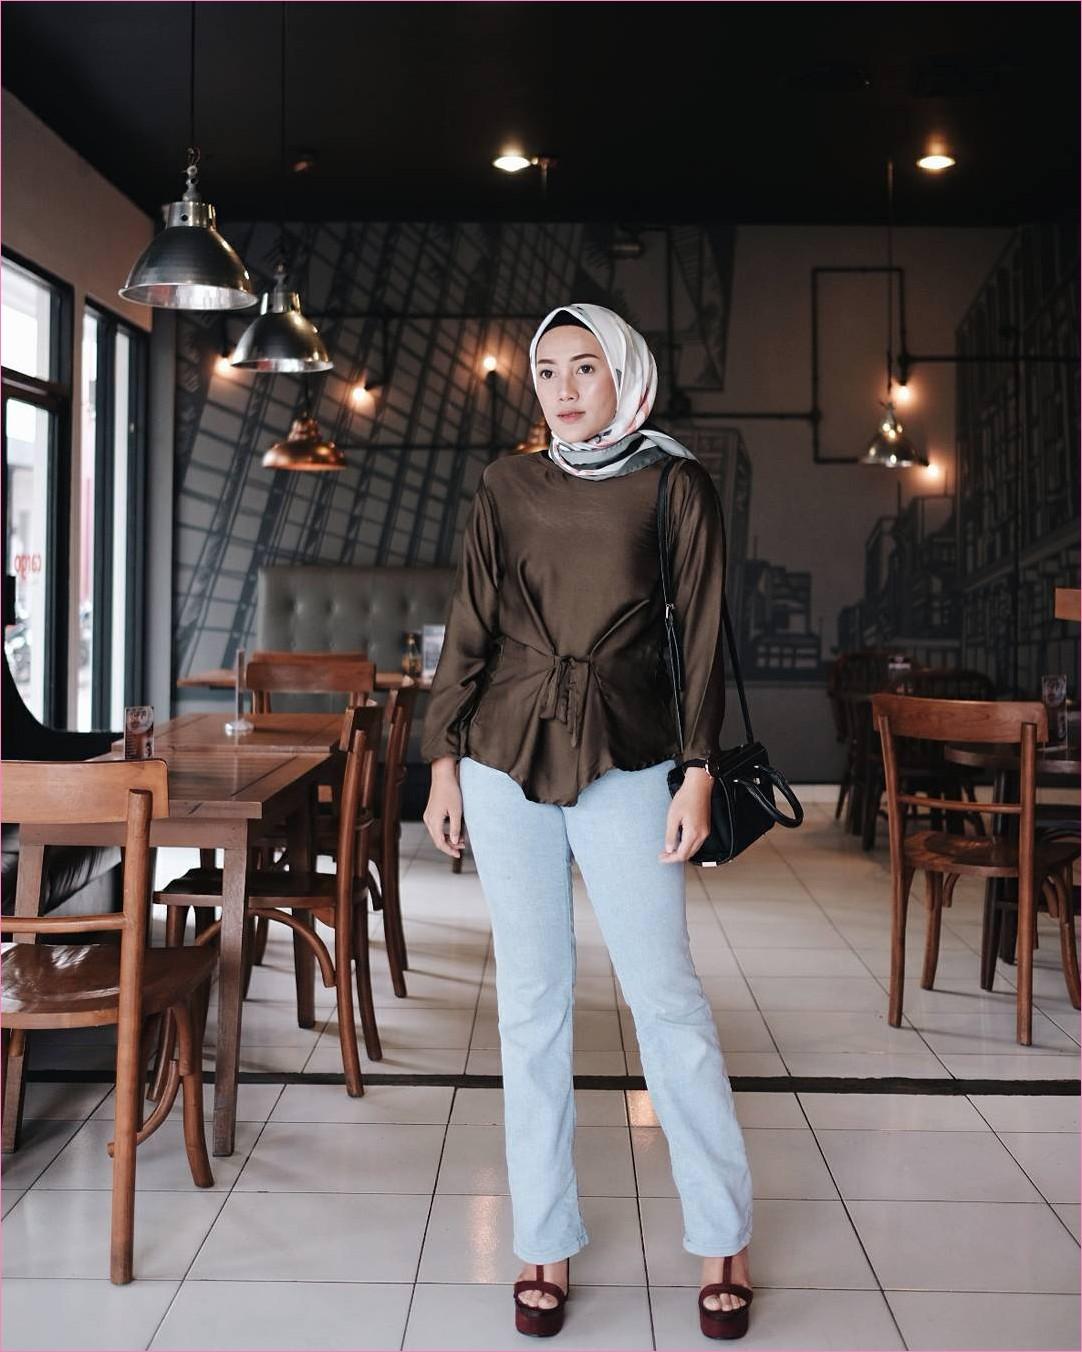 Outfit Baju Top  Blouse Untuk Hijabers Ala Selebgram 2018 blouse ikat coklat tua jeans denim biru muda wedges high heels slingbags hitam ciput rajut hitam segiempat hijab square putih ootd trendy lampu kursi meja kayu